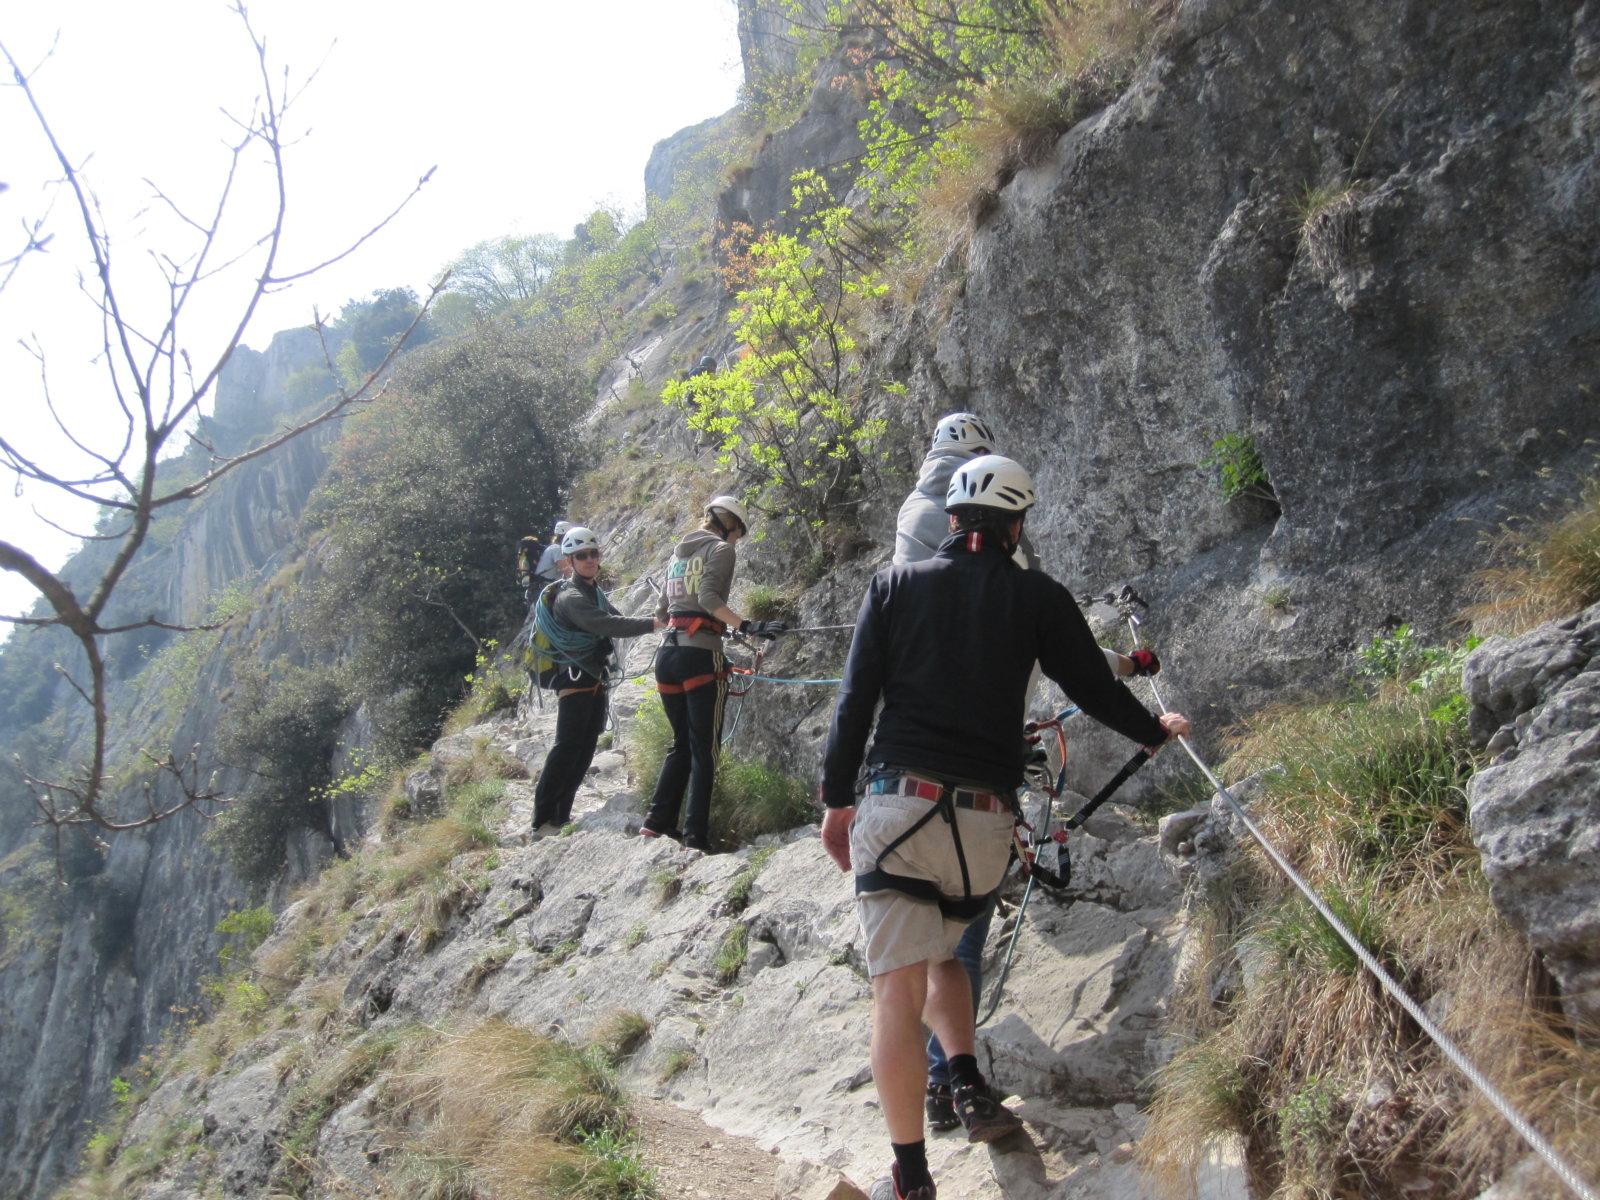 Klettersteigset Verleih Arco : 3 tage geführte klettersteige am gardasee